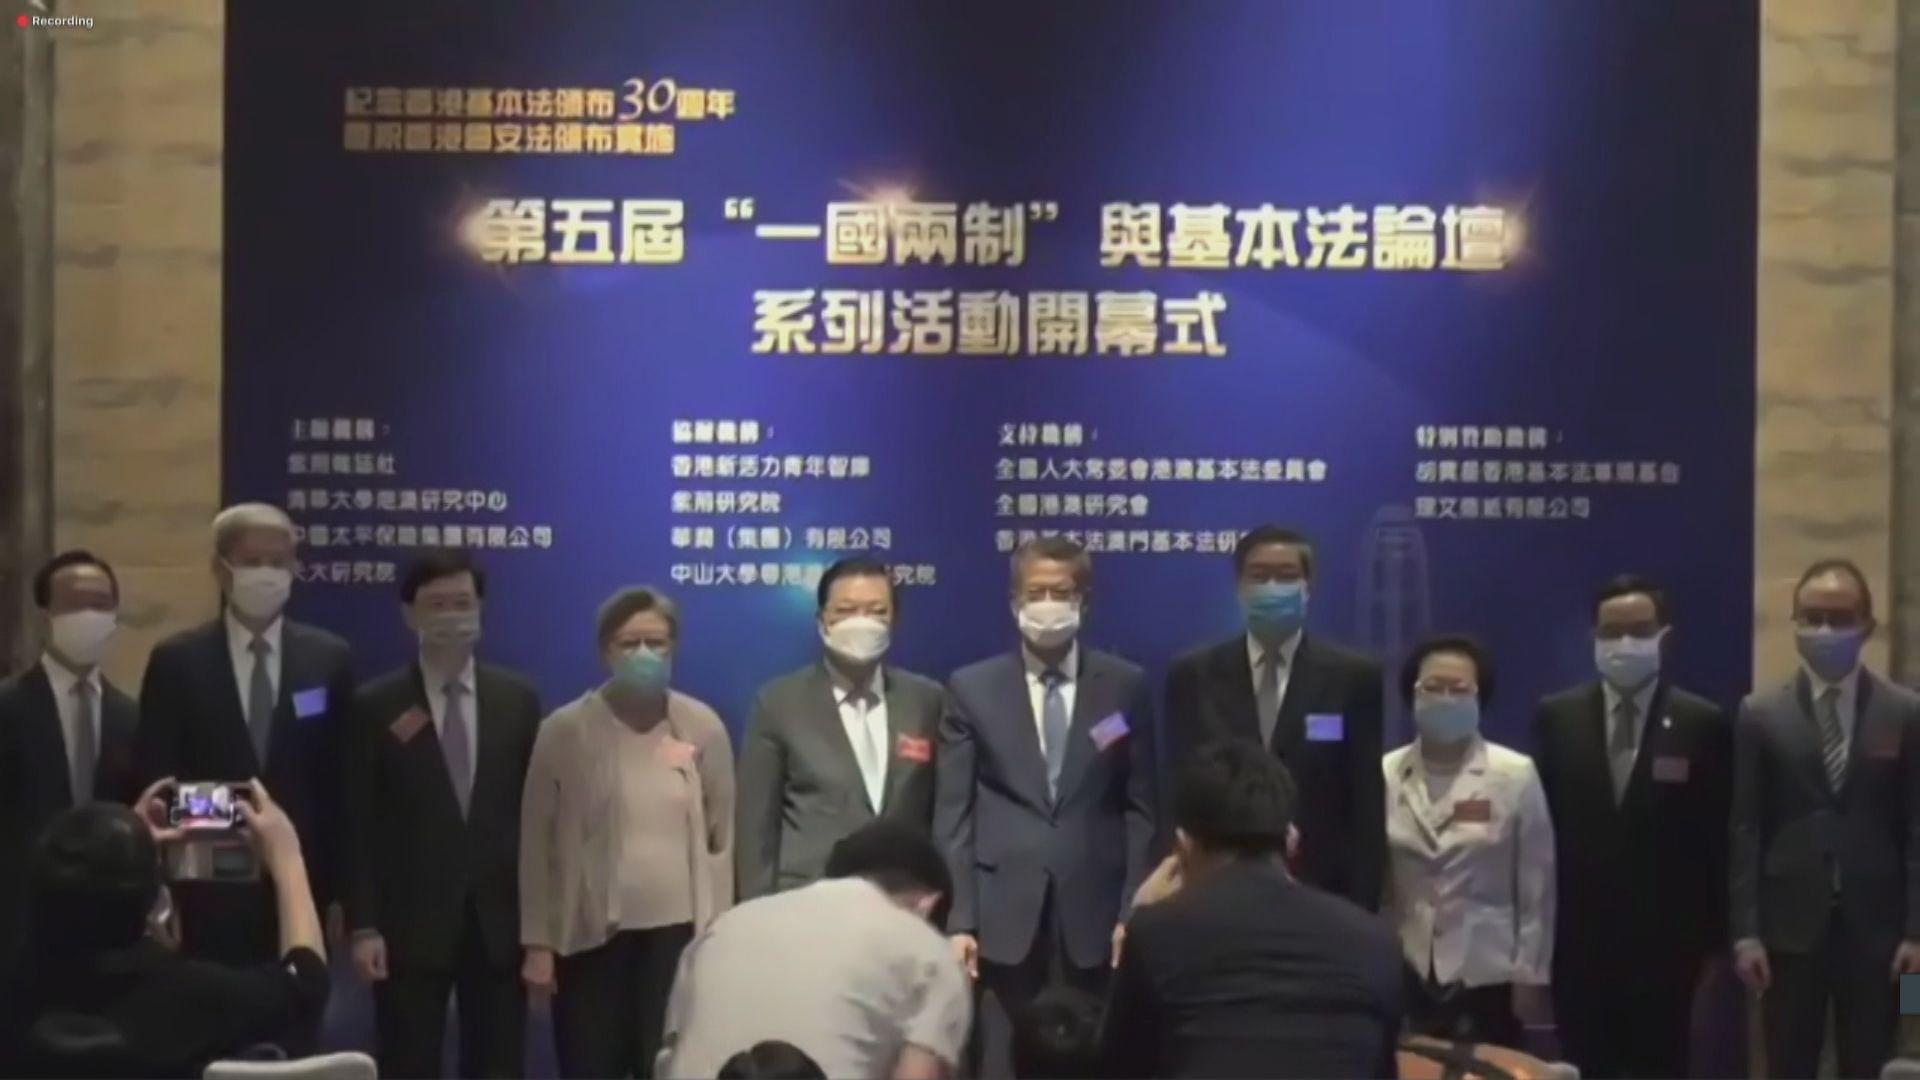 陳茂波:國安法挫投資環境是罔顧事實主觀猜測